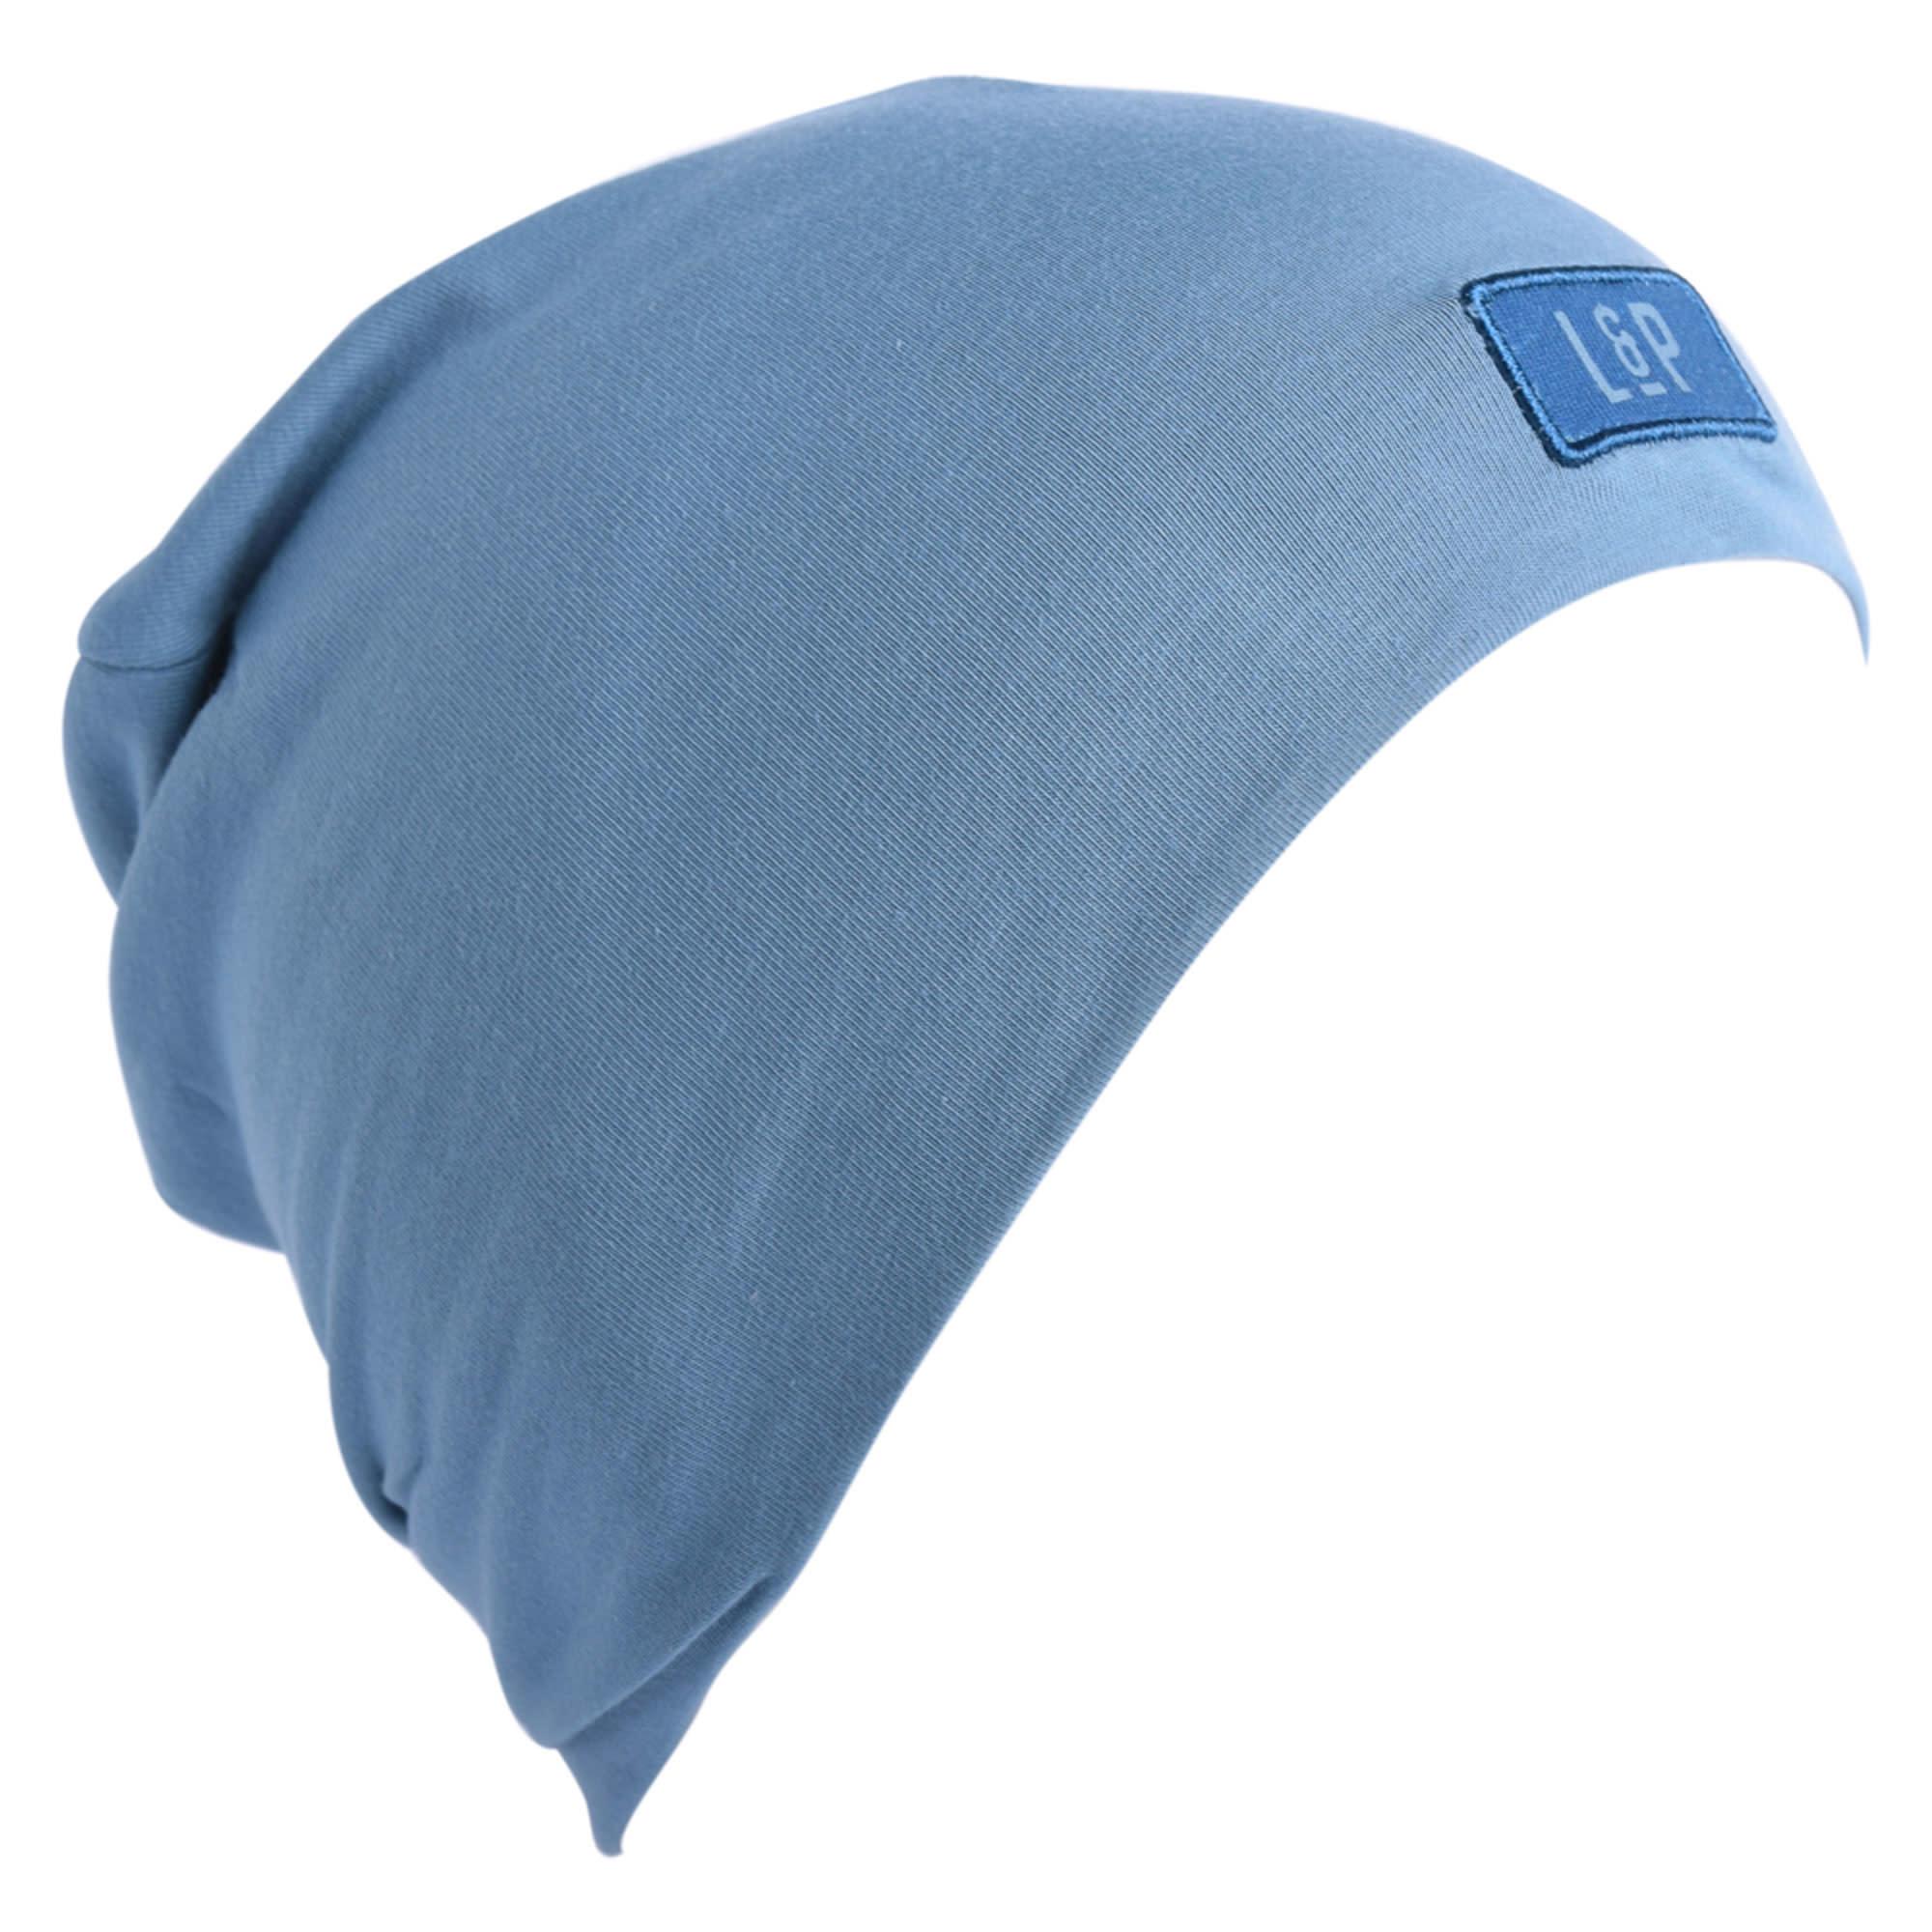 Tuque Coton - BOSTON V20 Bleu Mer-6